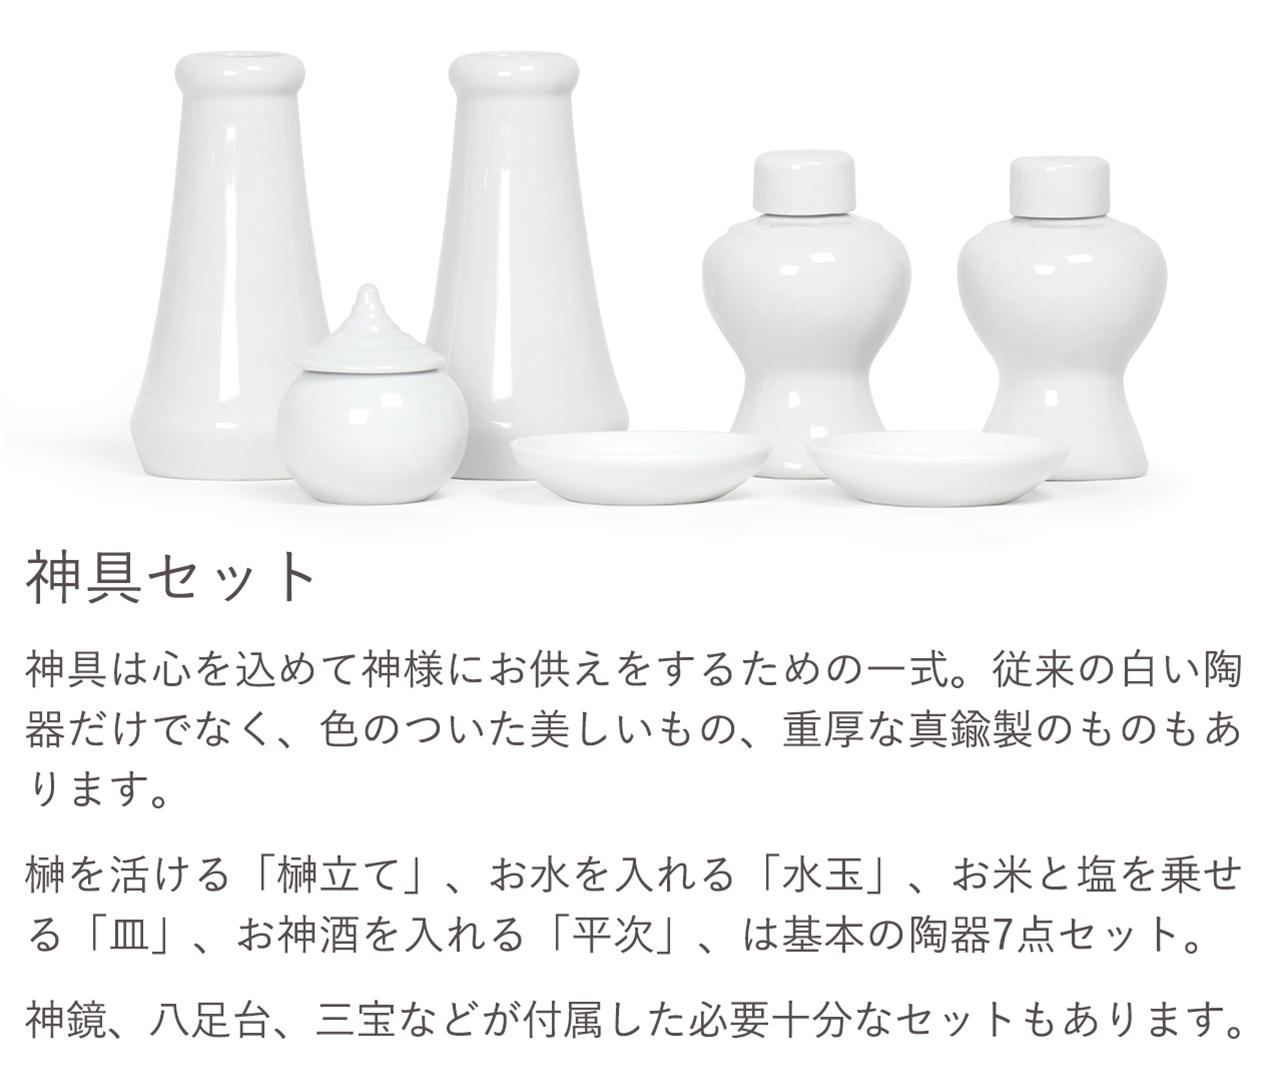 神具セット。神具は心を込めて神様にお供えをするための一式。従来の白い陶器だけでなく、色のついた美しいもの、重厚な真鍮製のものもあります。神鏡、八足台、三宝などが付属した必要十分なセットもあります。